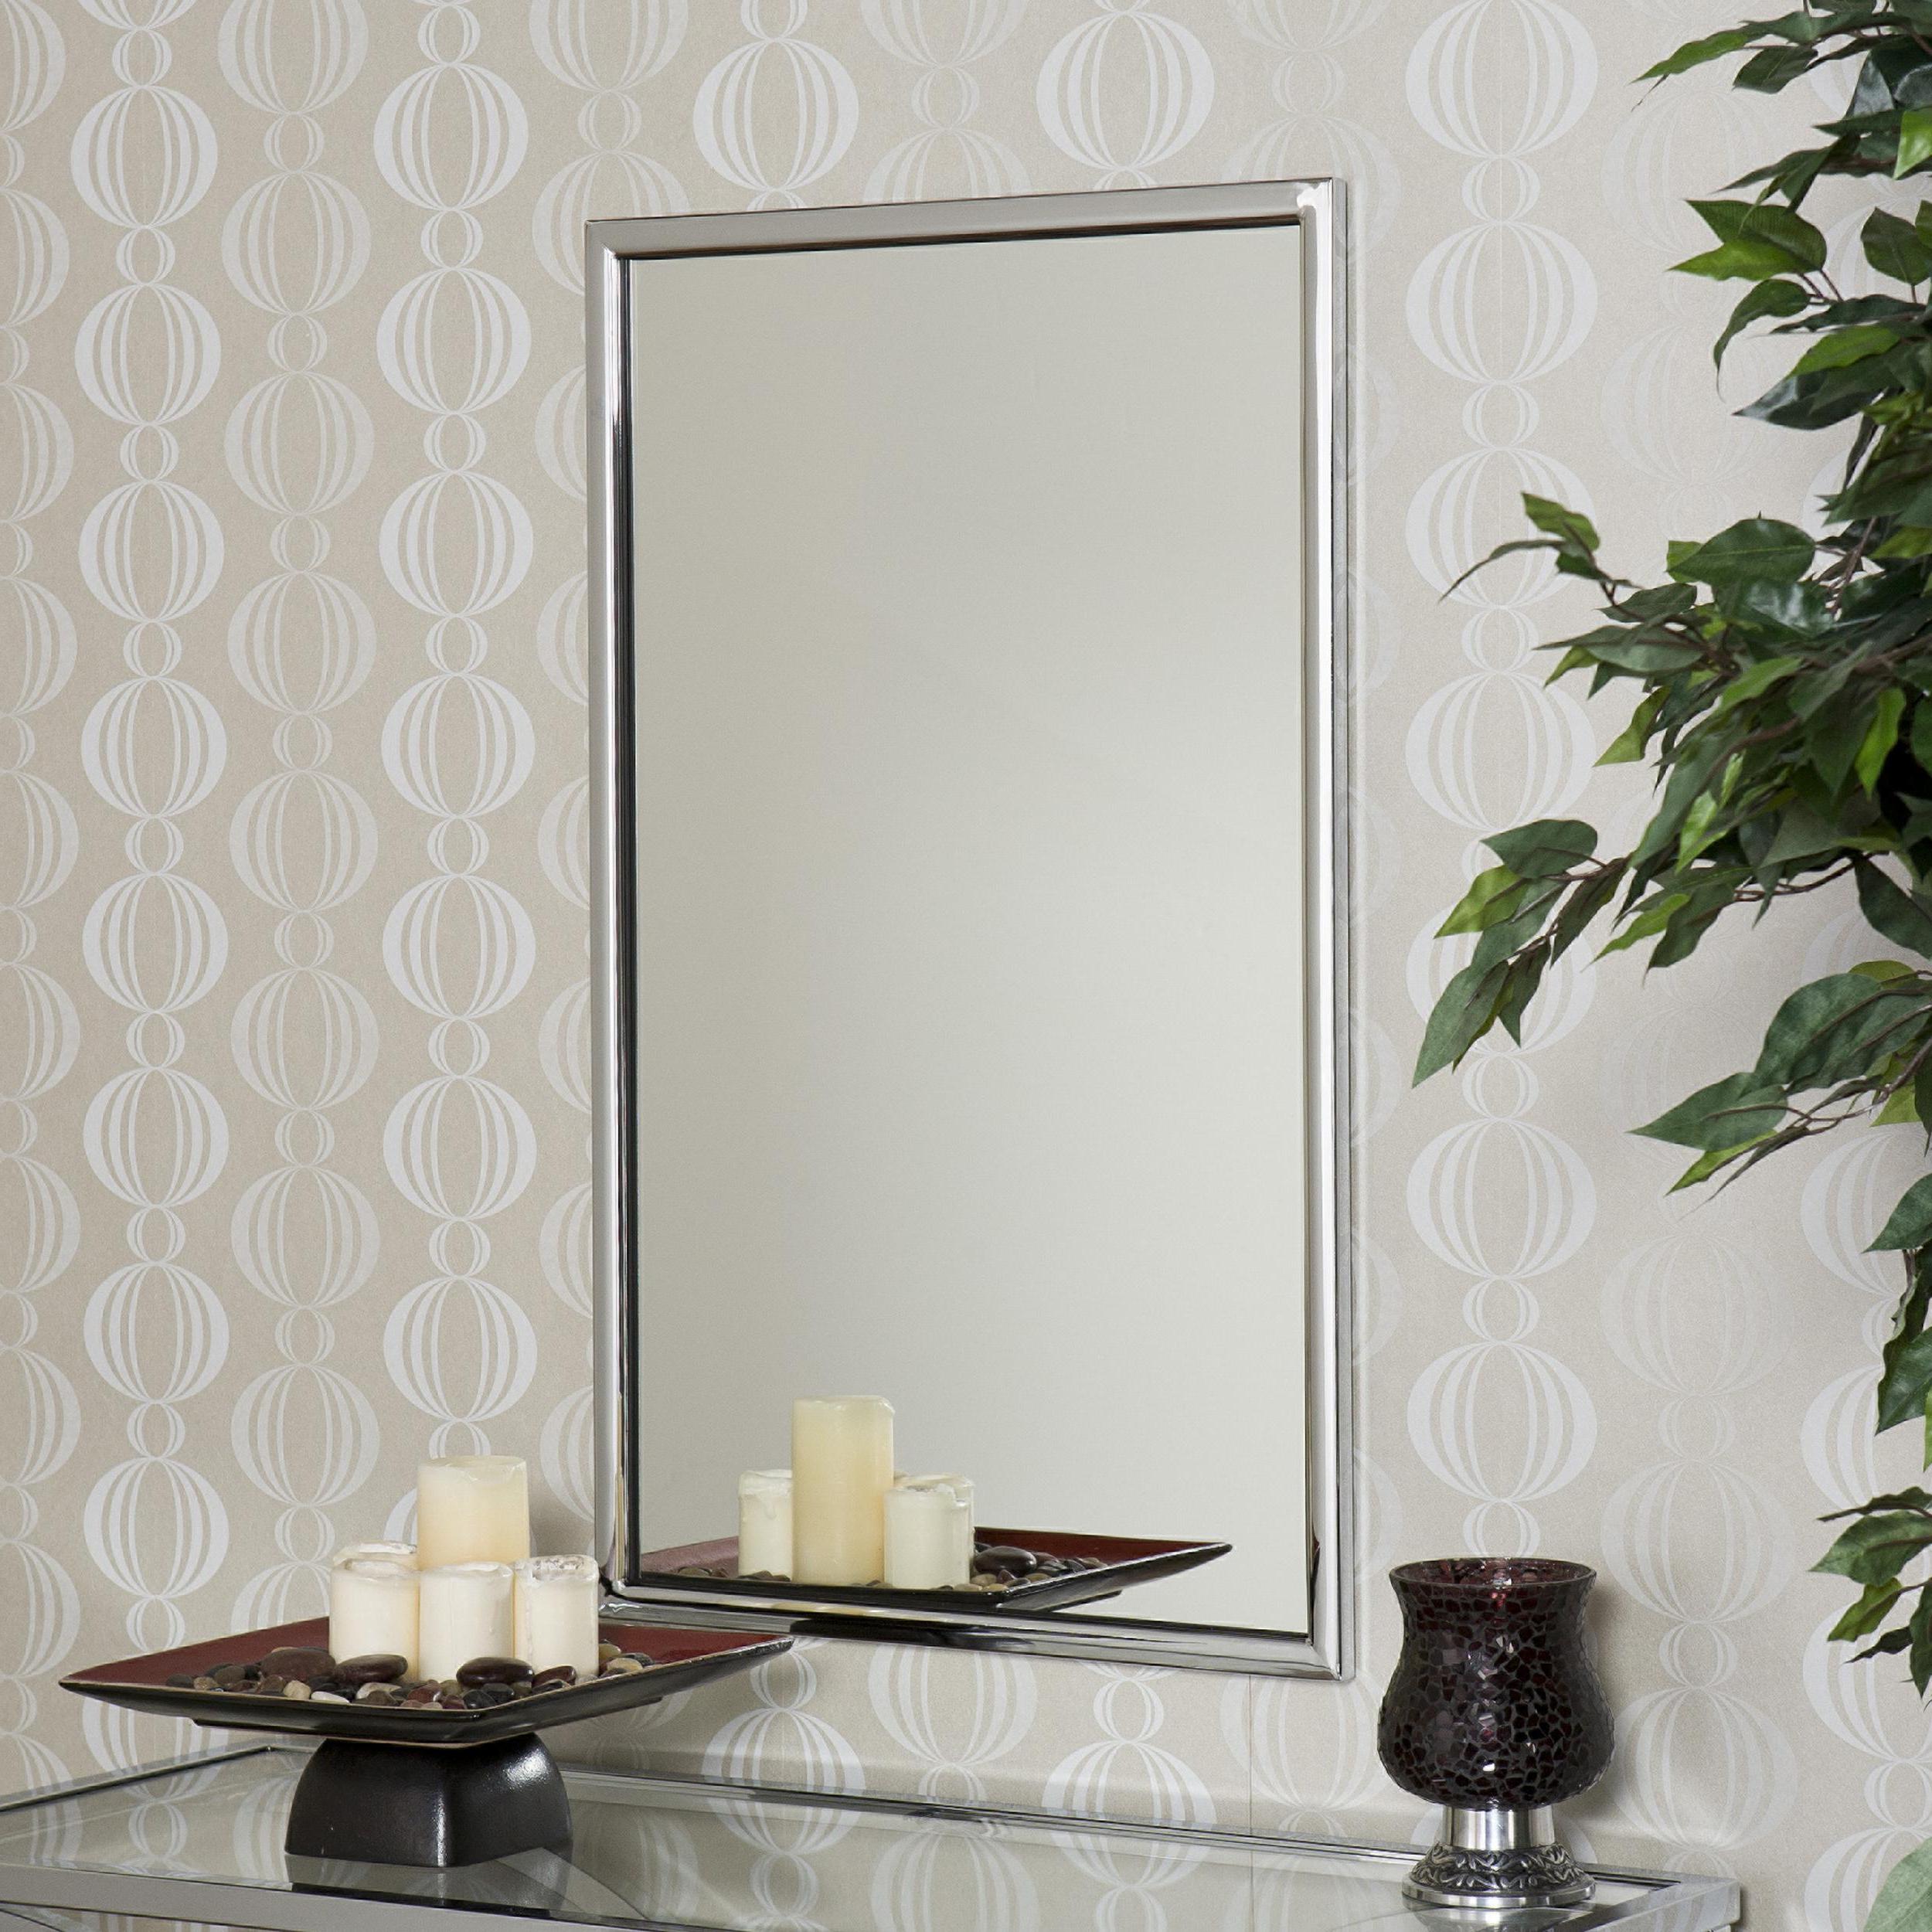 Amazon: Southern Enterprises Sei Vogue Chrome Wall Mirror For 2019 Chrome Wall Mirrors (View 4 of 20)